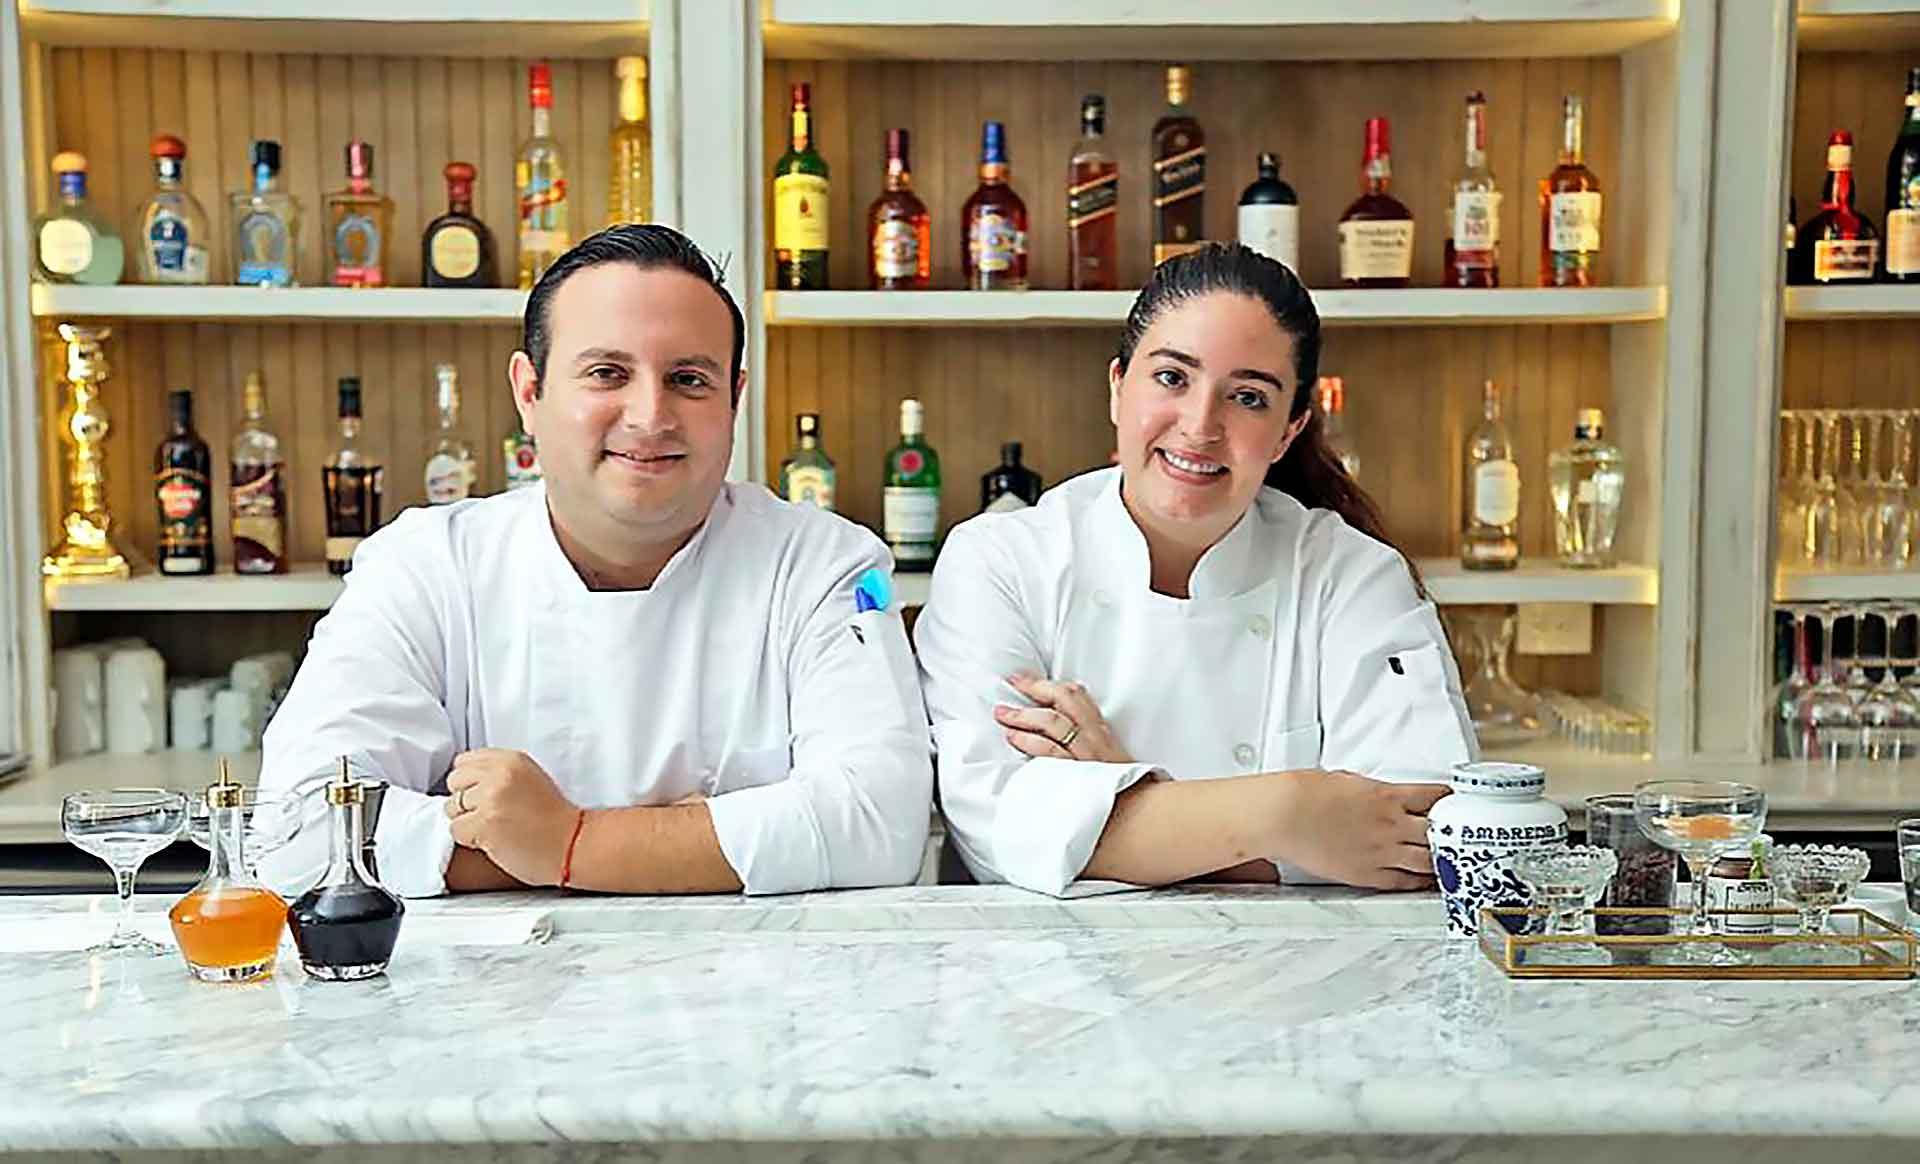 Parejas de chef Santiago y Macarena